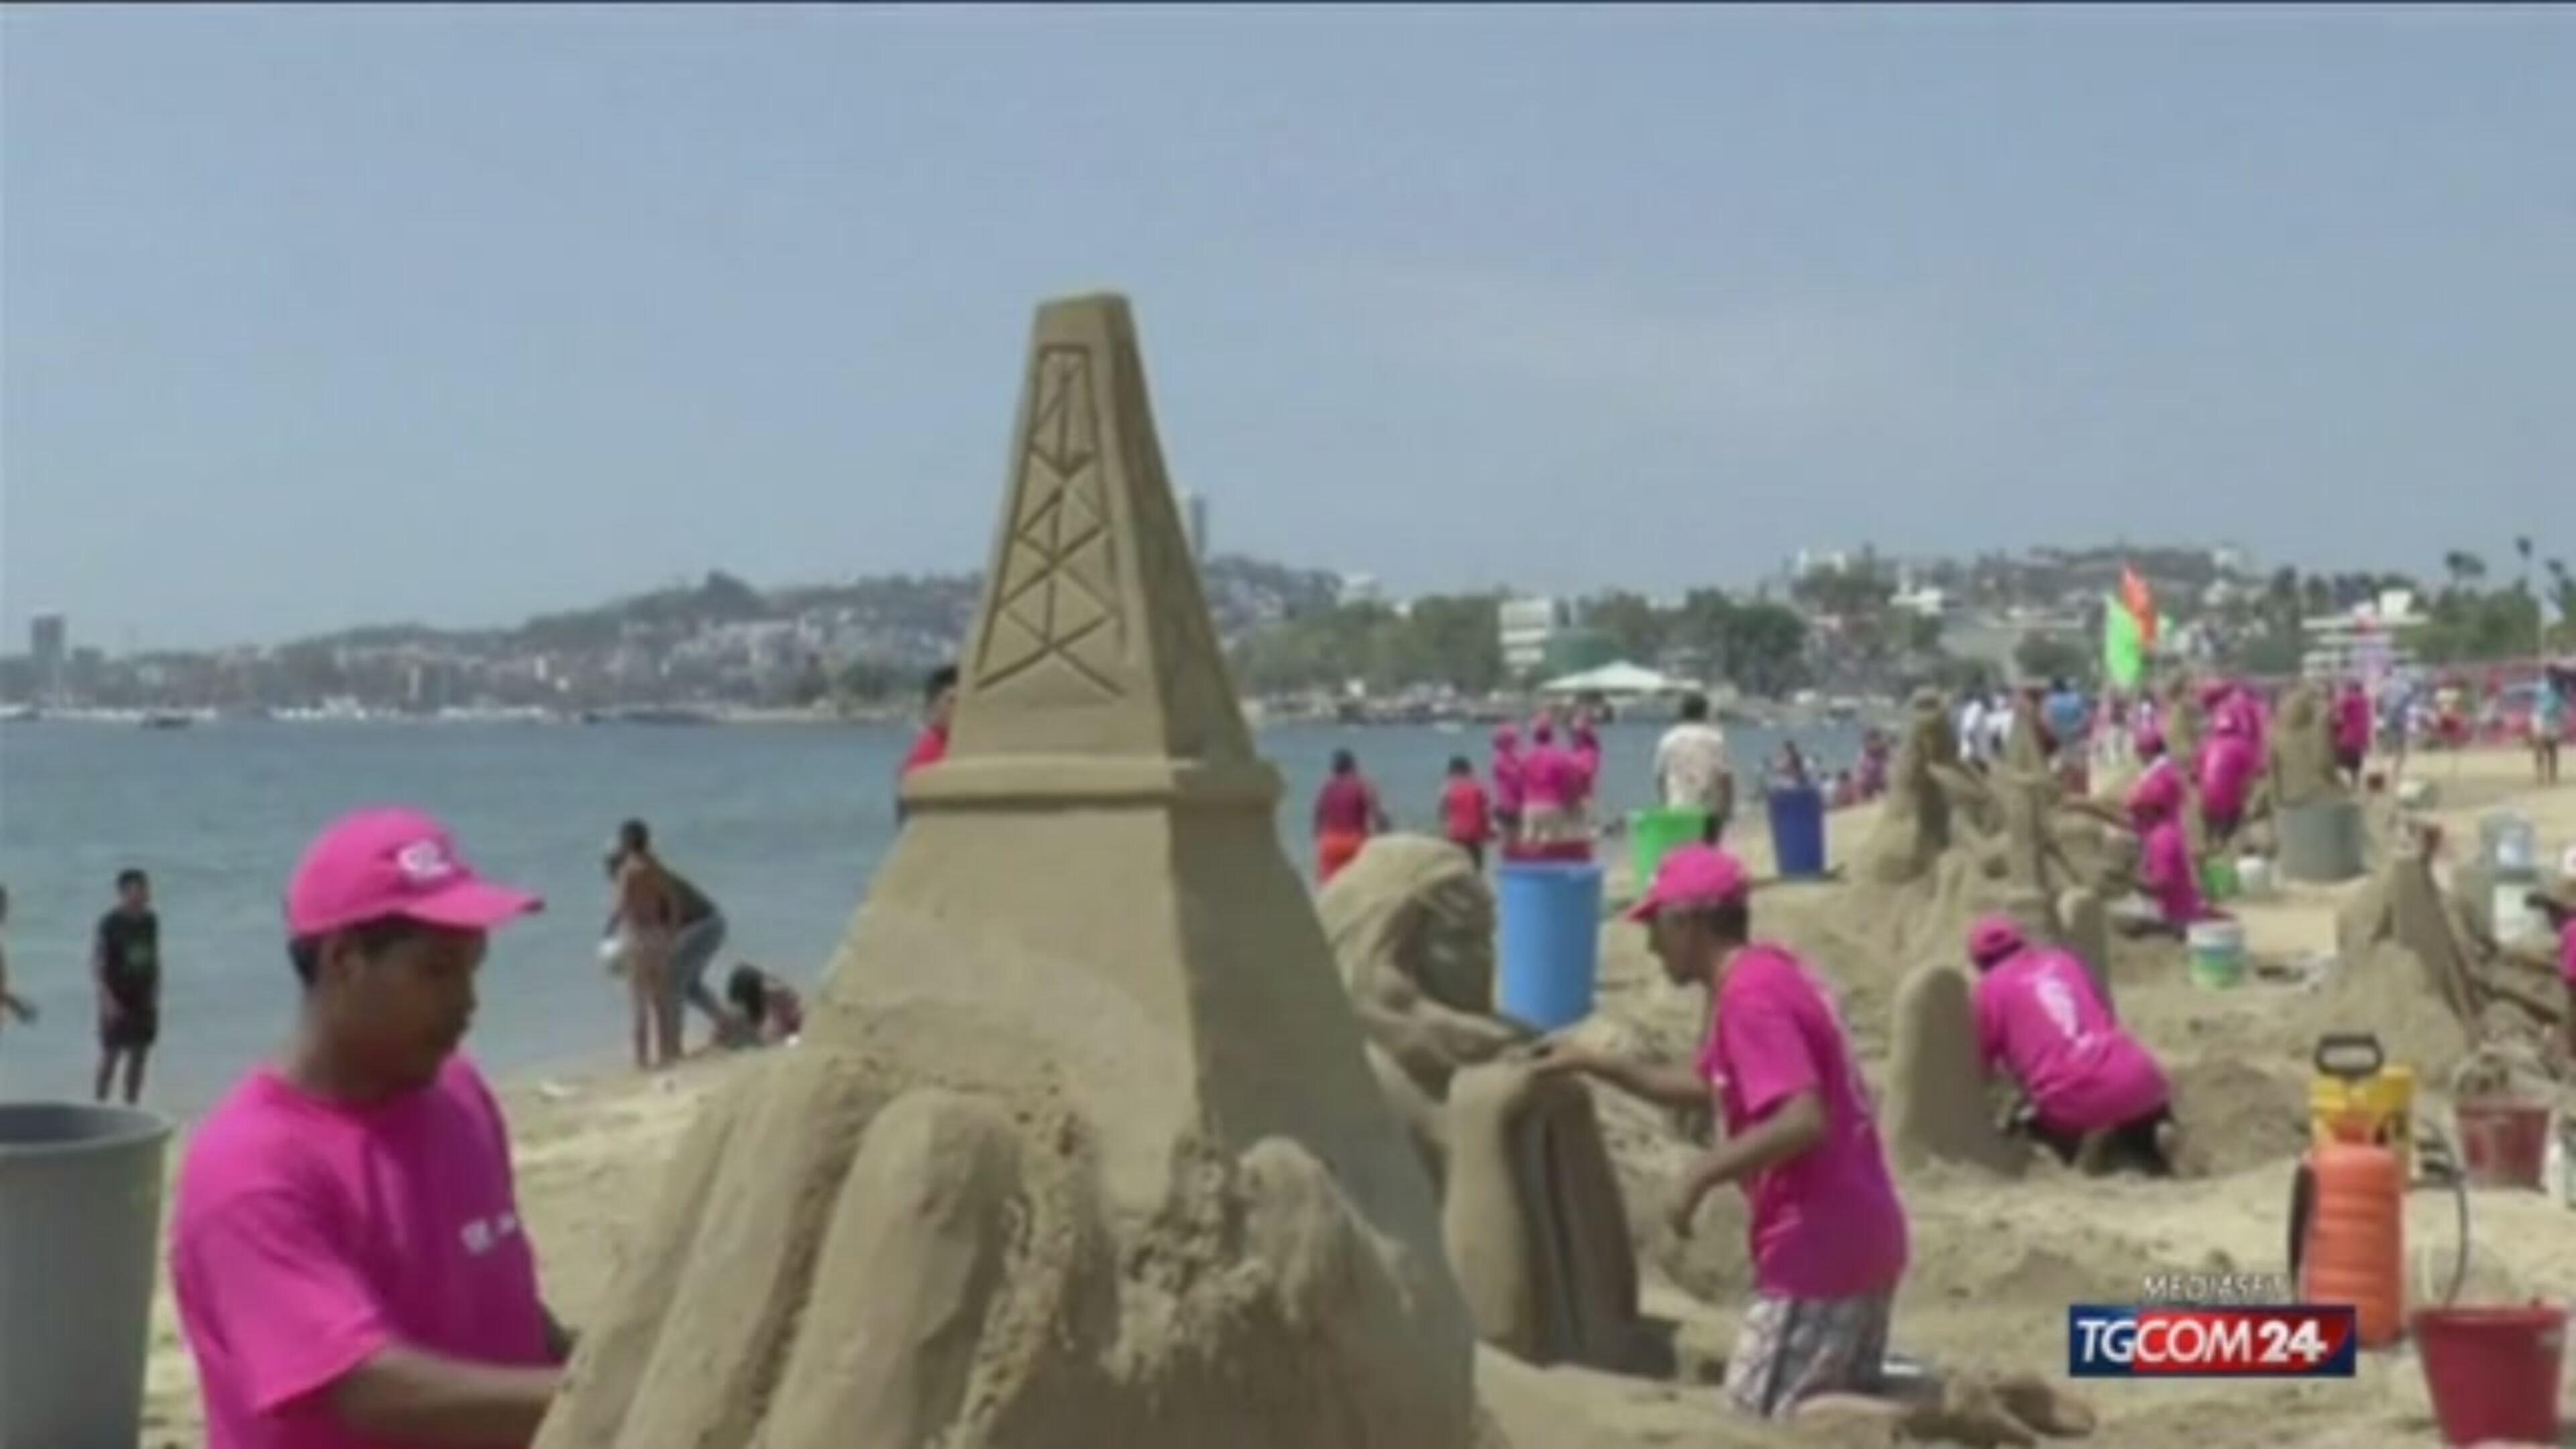 La spiaggia di Acapulco si riempie di sculture